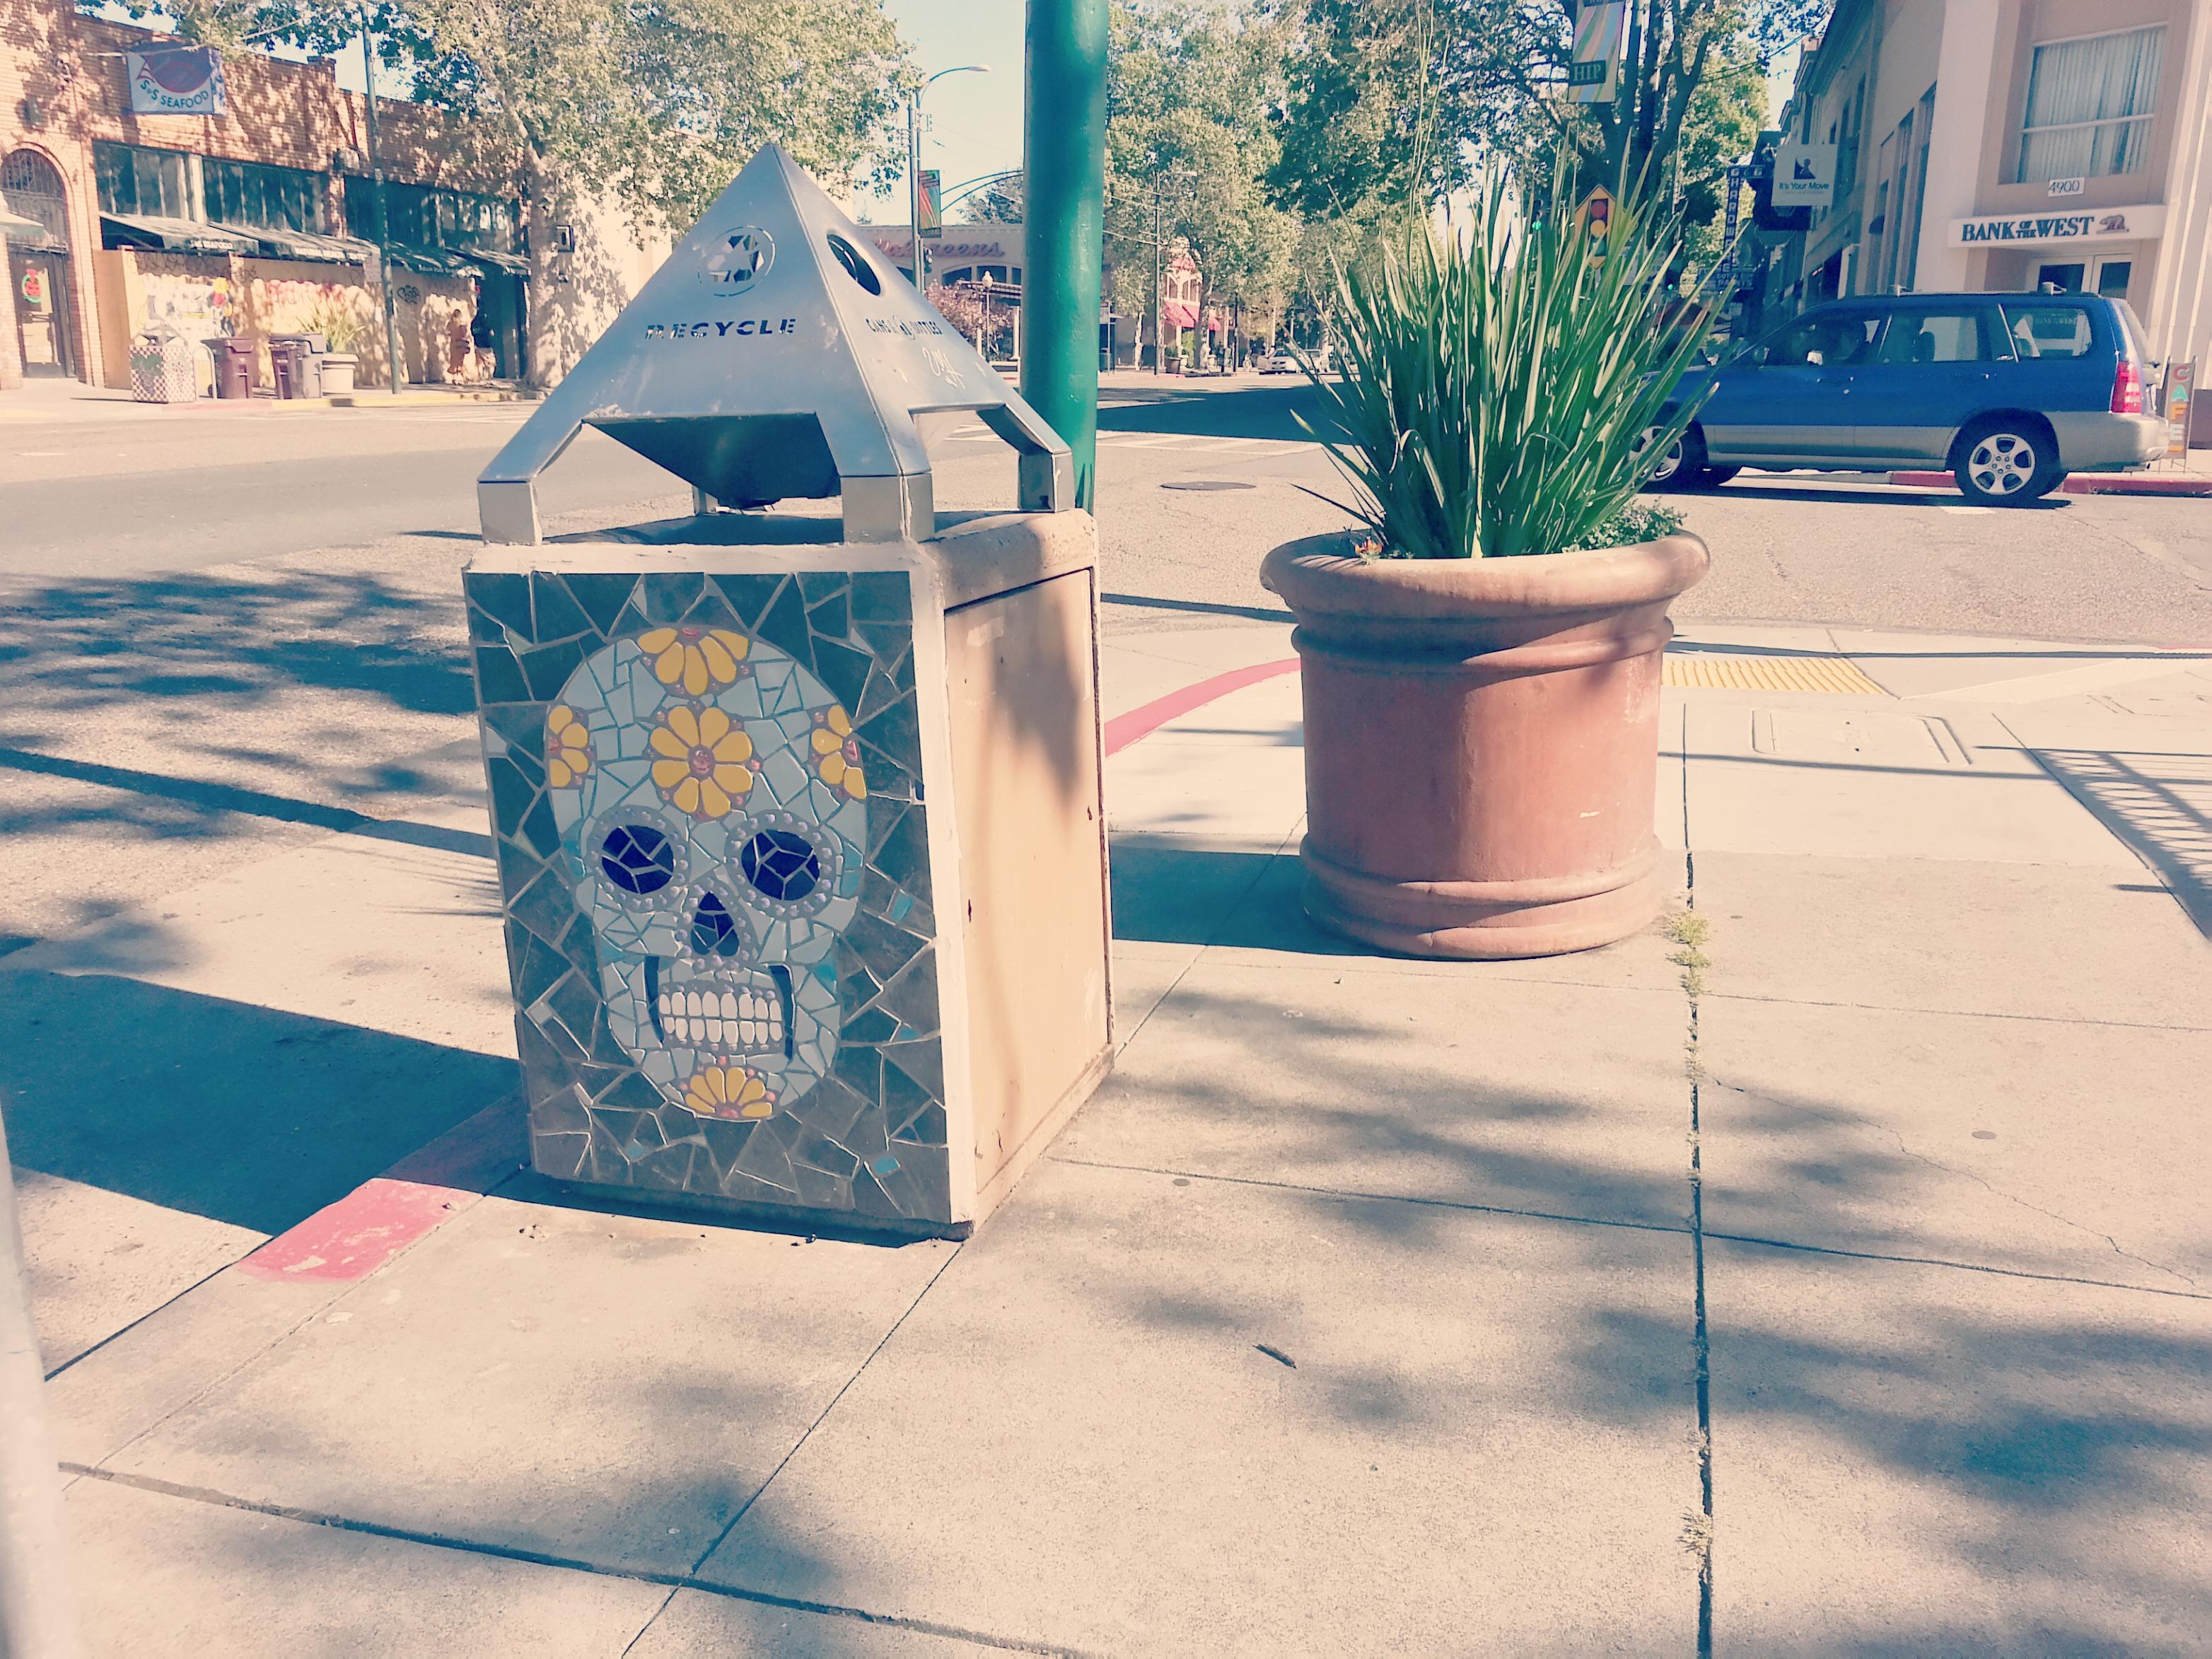 Temescal Recycling Can, Oakland, California